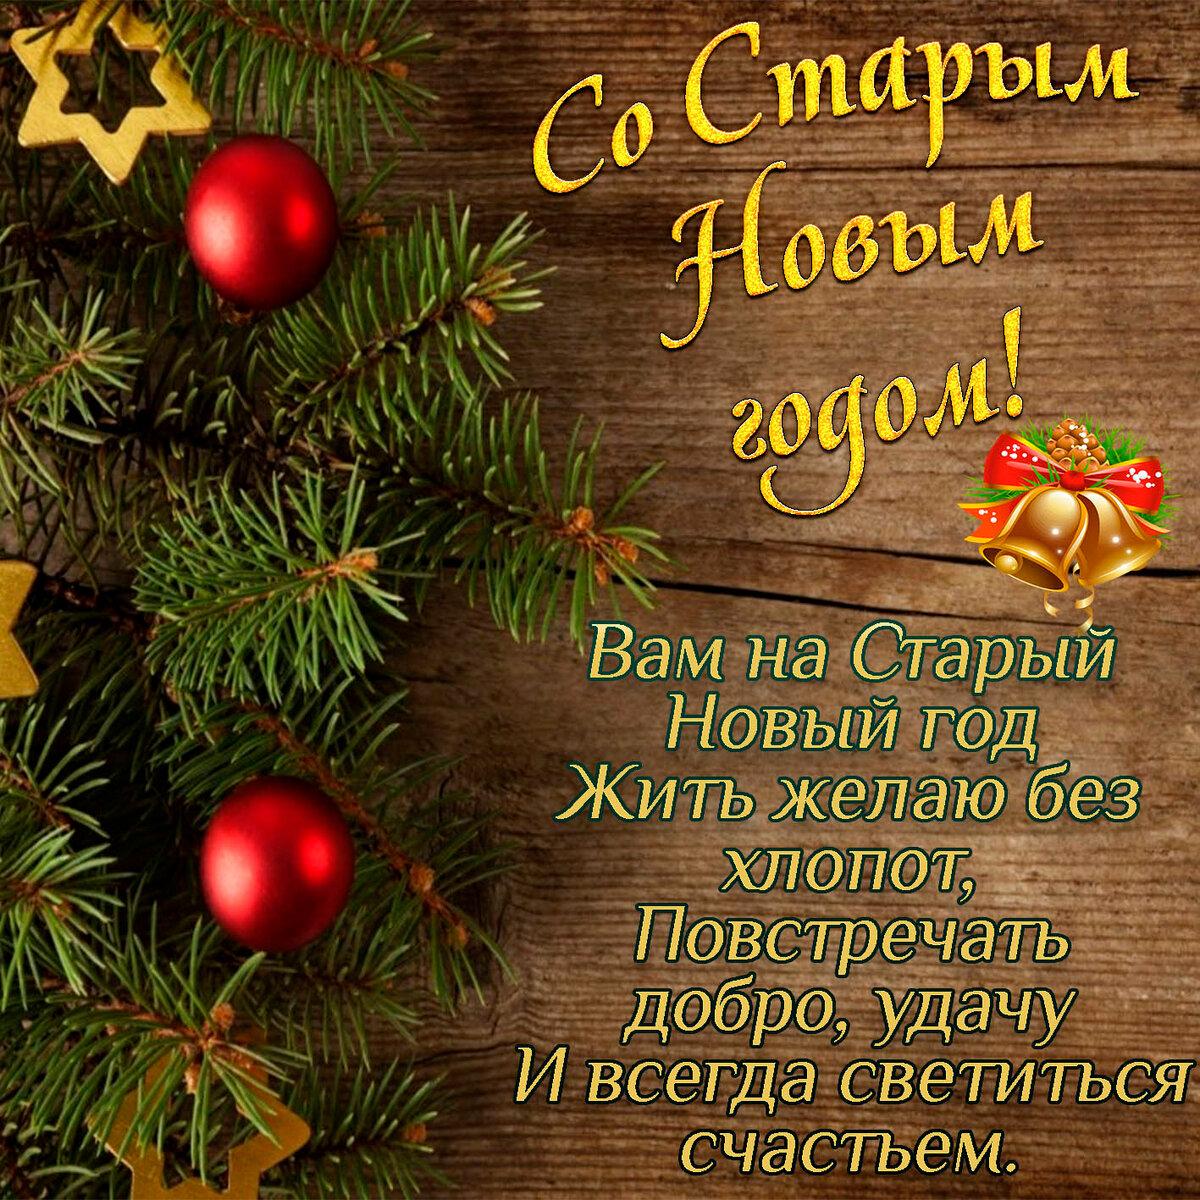 Поздравления с праздниками с новогодними праздниками